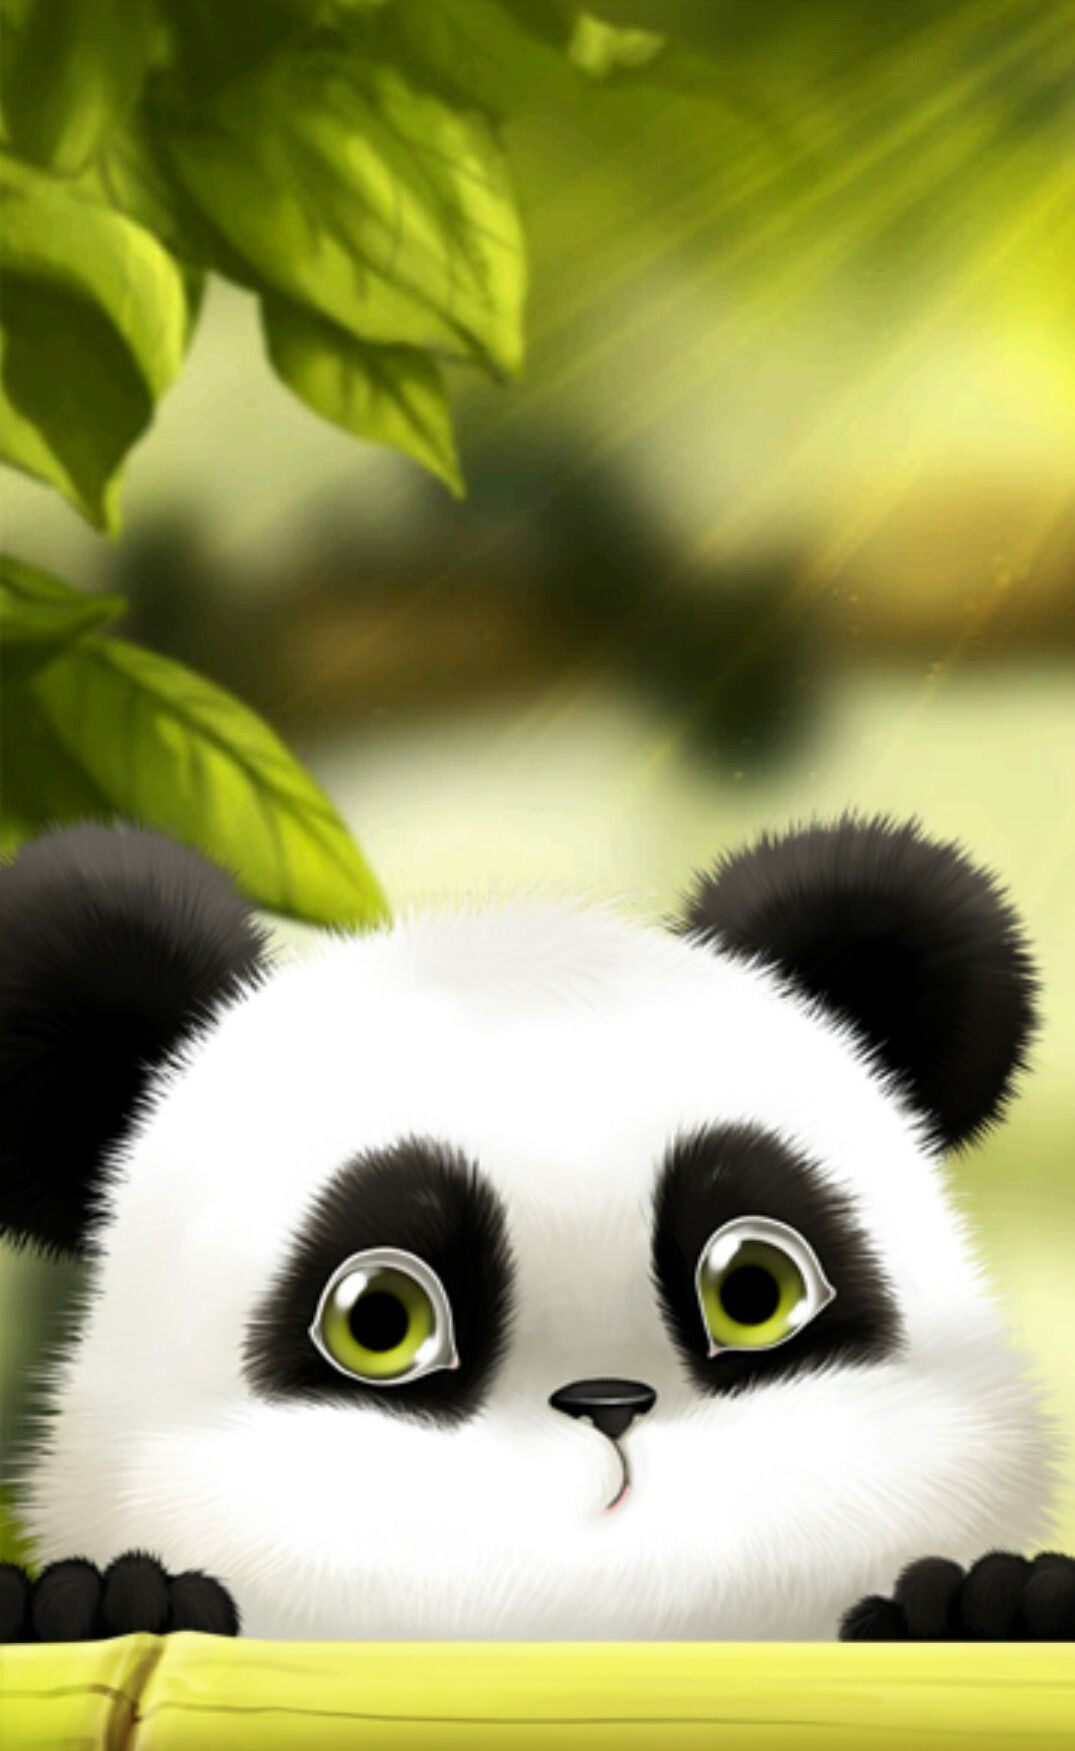 Cute Panda Wallpaper Hd 2021 Live Wallpaper Hd Cute Panda Wallpaper Cartoon Wallpaper Hd Panda Wallpapers